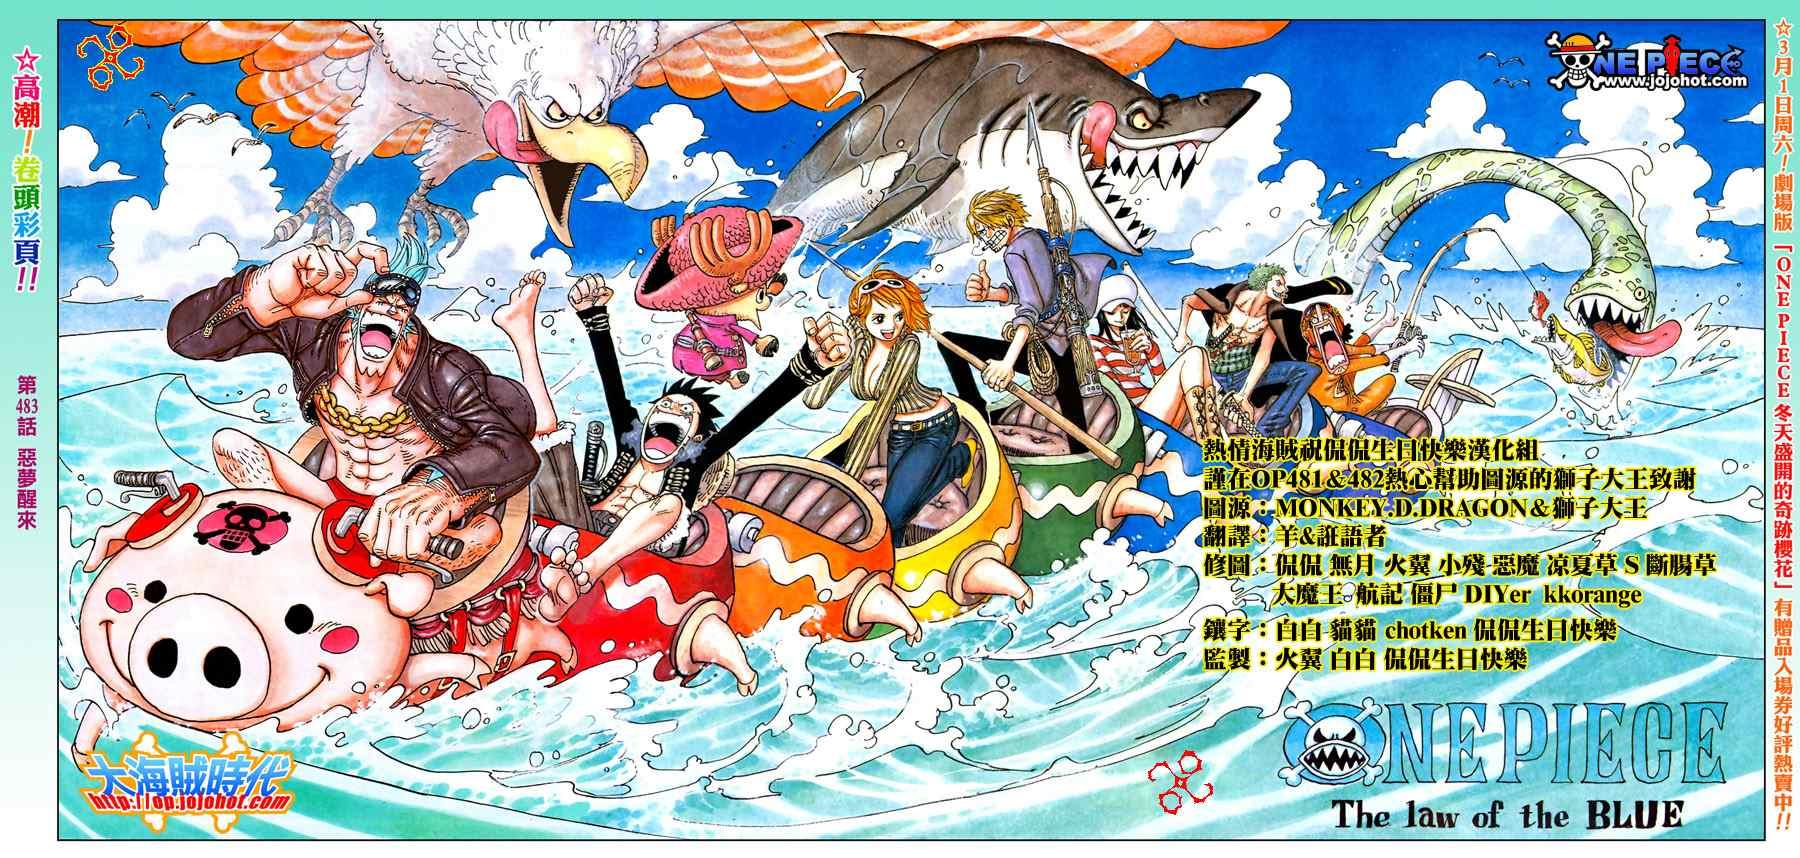 航海王-海賊王483話第1頁-漫畫聯合國